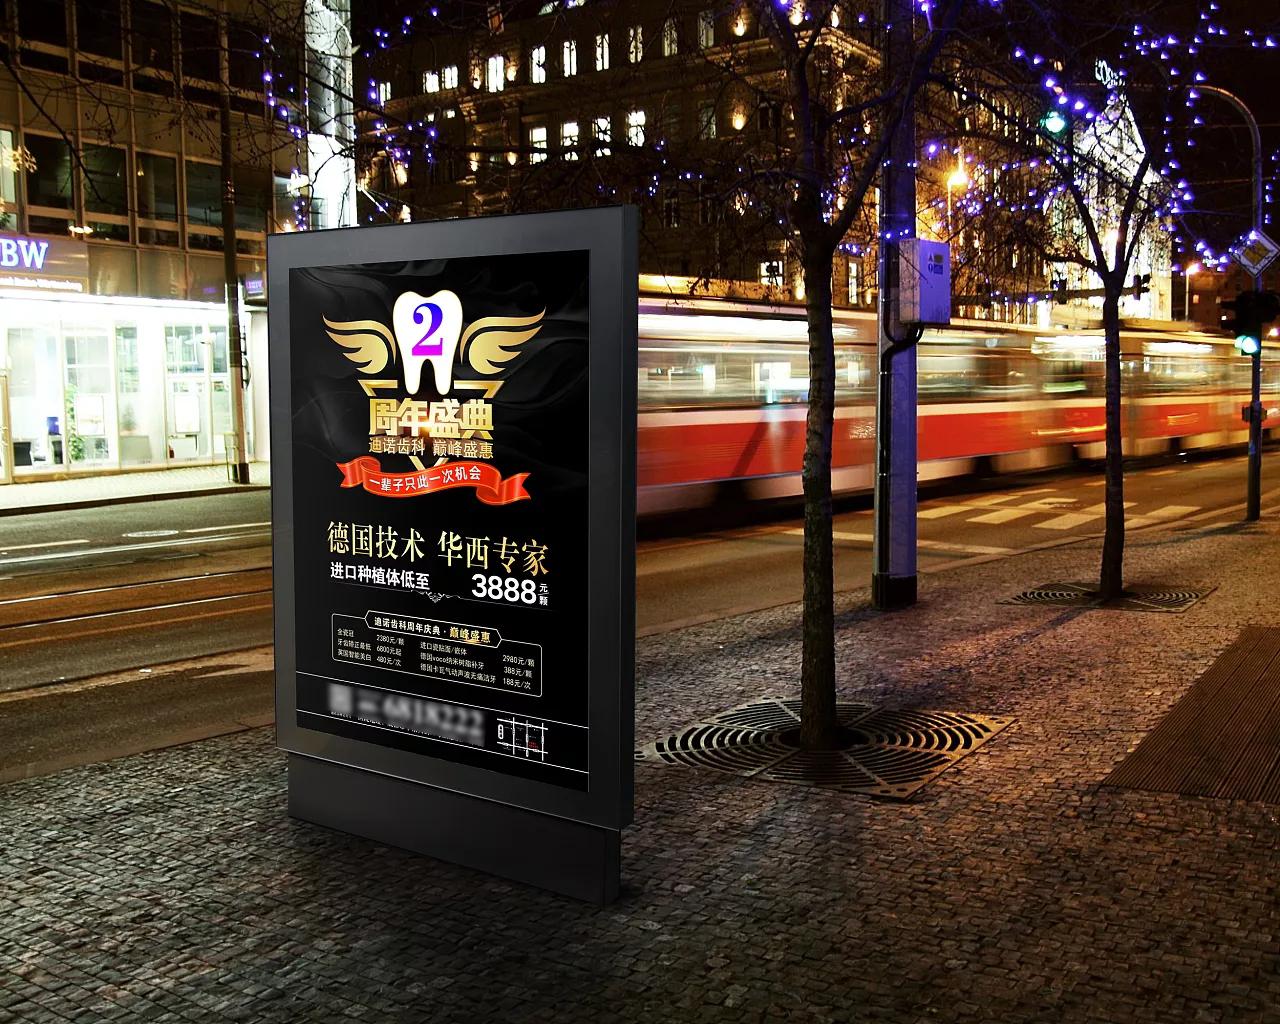 网络广告设计网站广告弹窗广告视频广告H5广告旗帜广告浮动广告